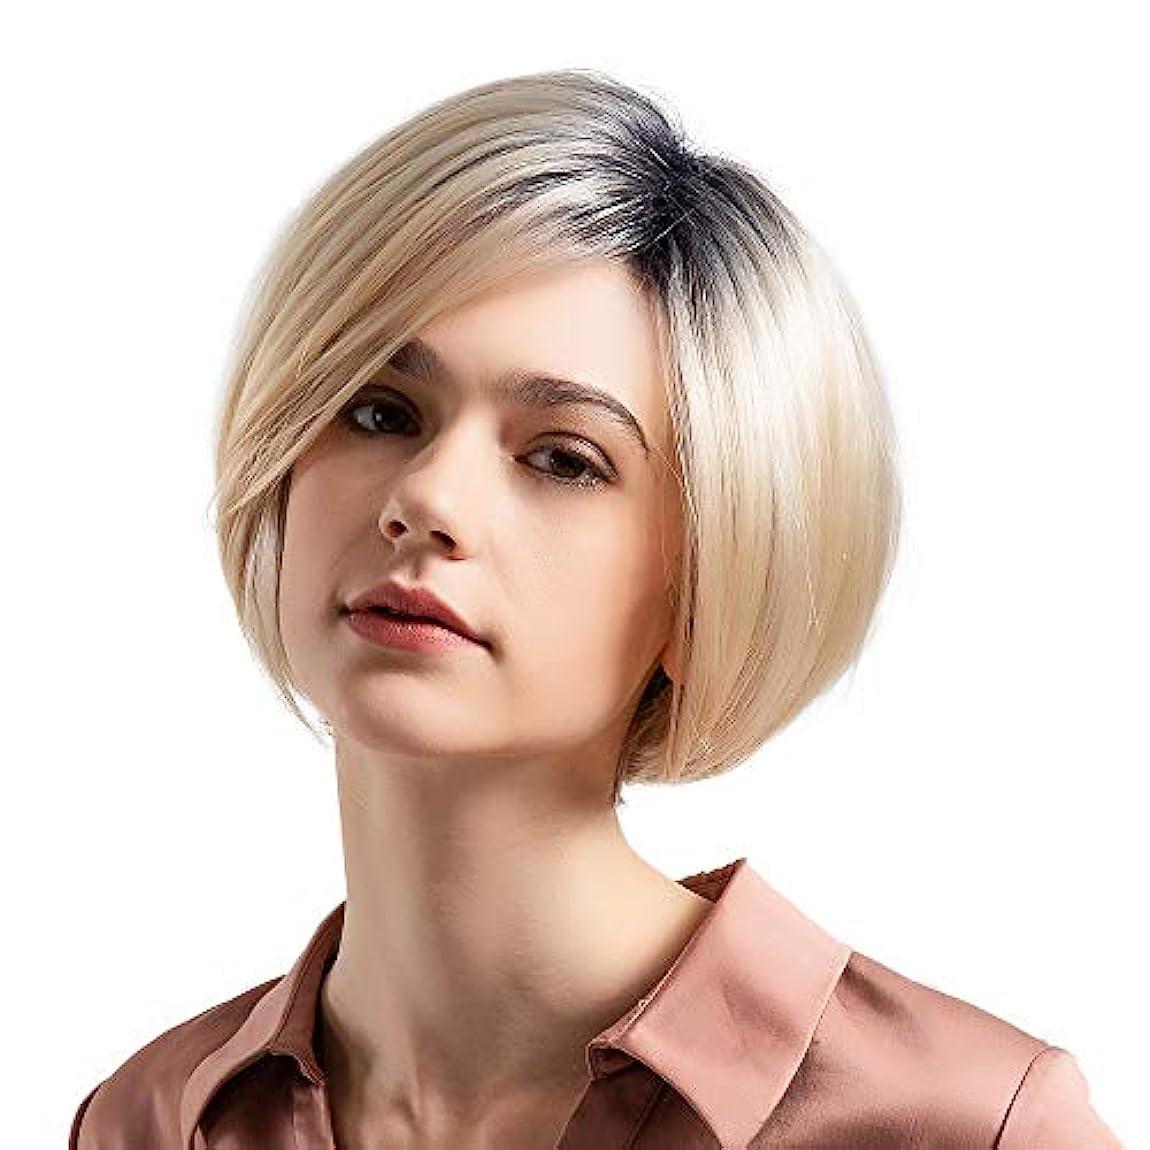 恵みさまよう乗算ウィッグショートボブストレートヘア50%リアルヘアウィッグ女性のファッショングラデーションウィッグ